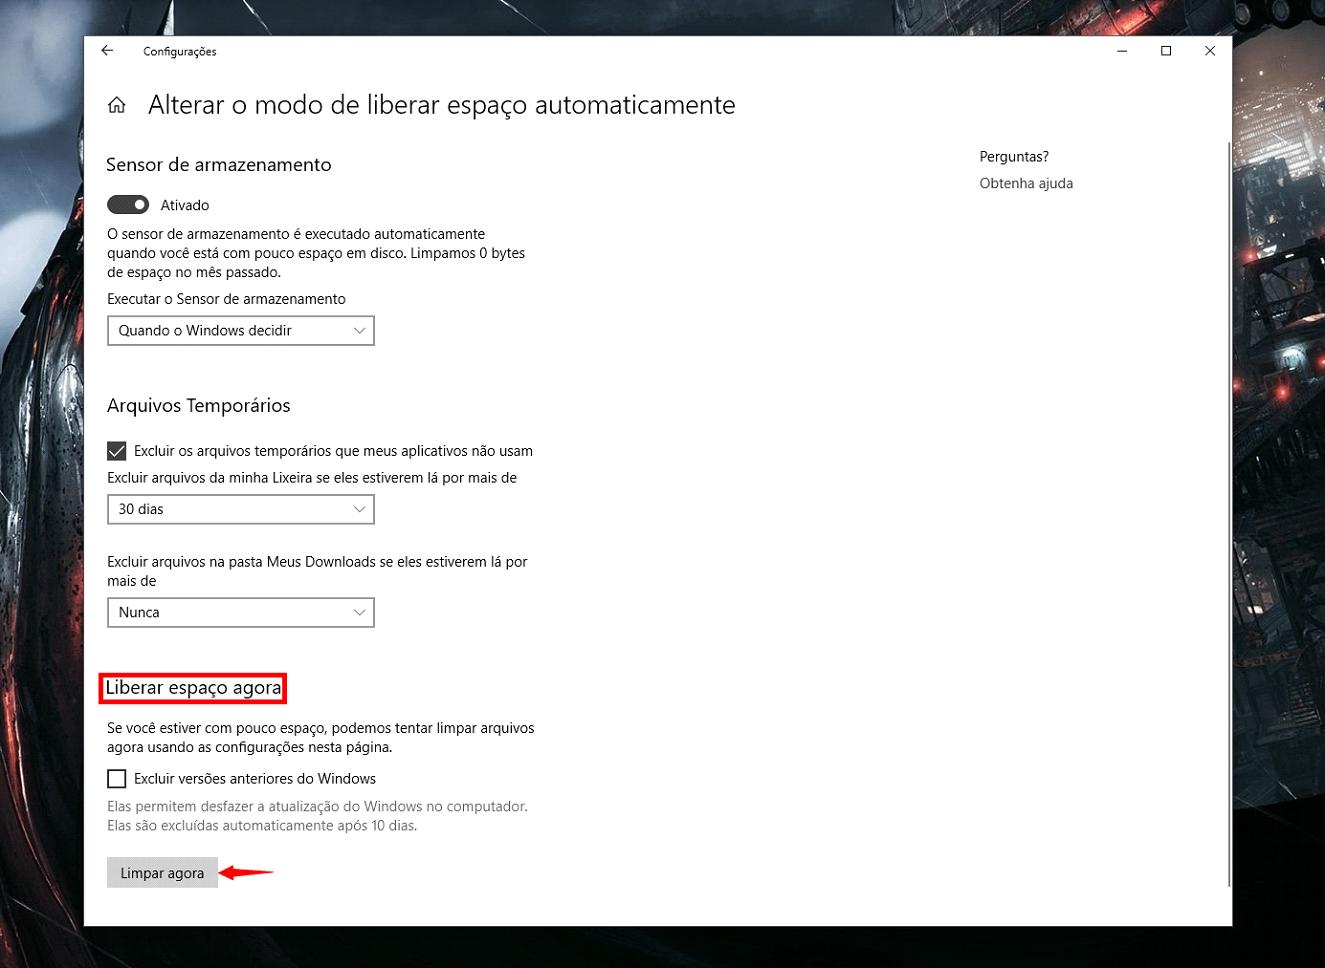 Como limpar seu disco com a nova ferramenta automática do windows 10. Mesmo com a popularização de hds de grande capacidade, usar a nova ferramenta de liberar espaço do windows 10 pode salvar a sua pele.